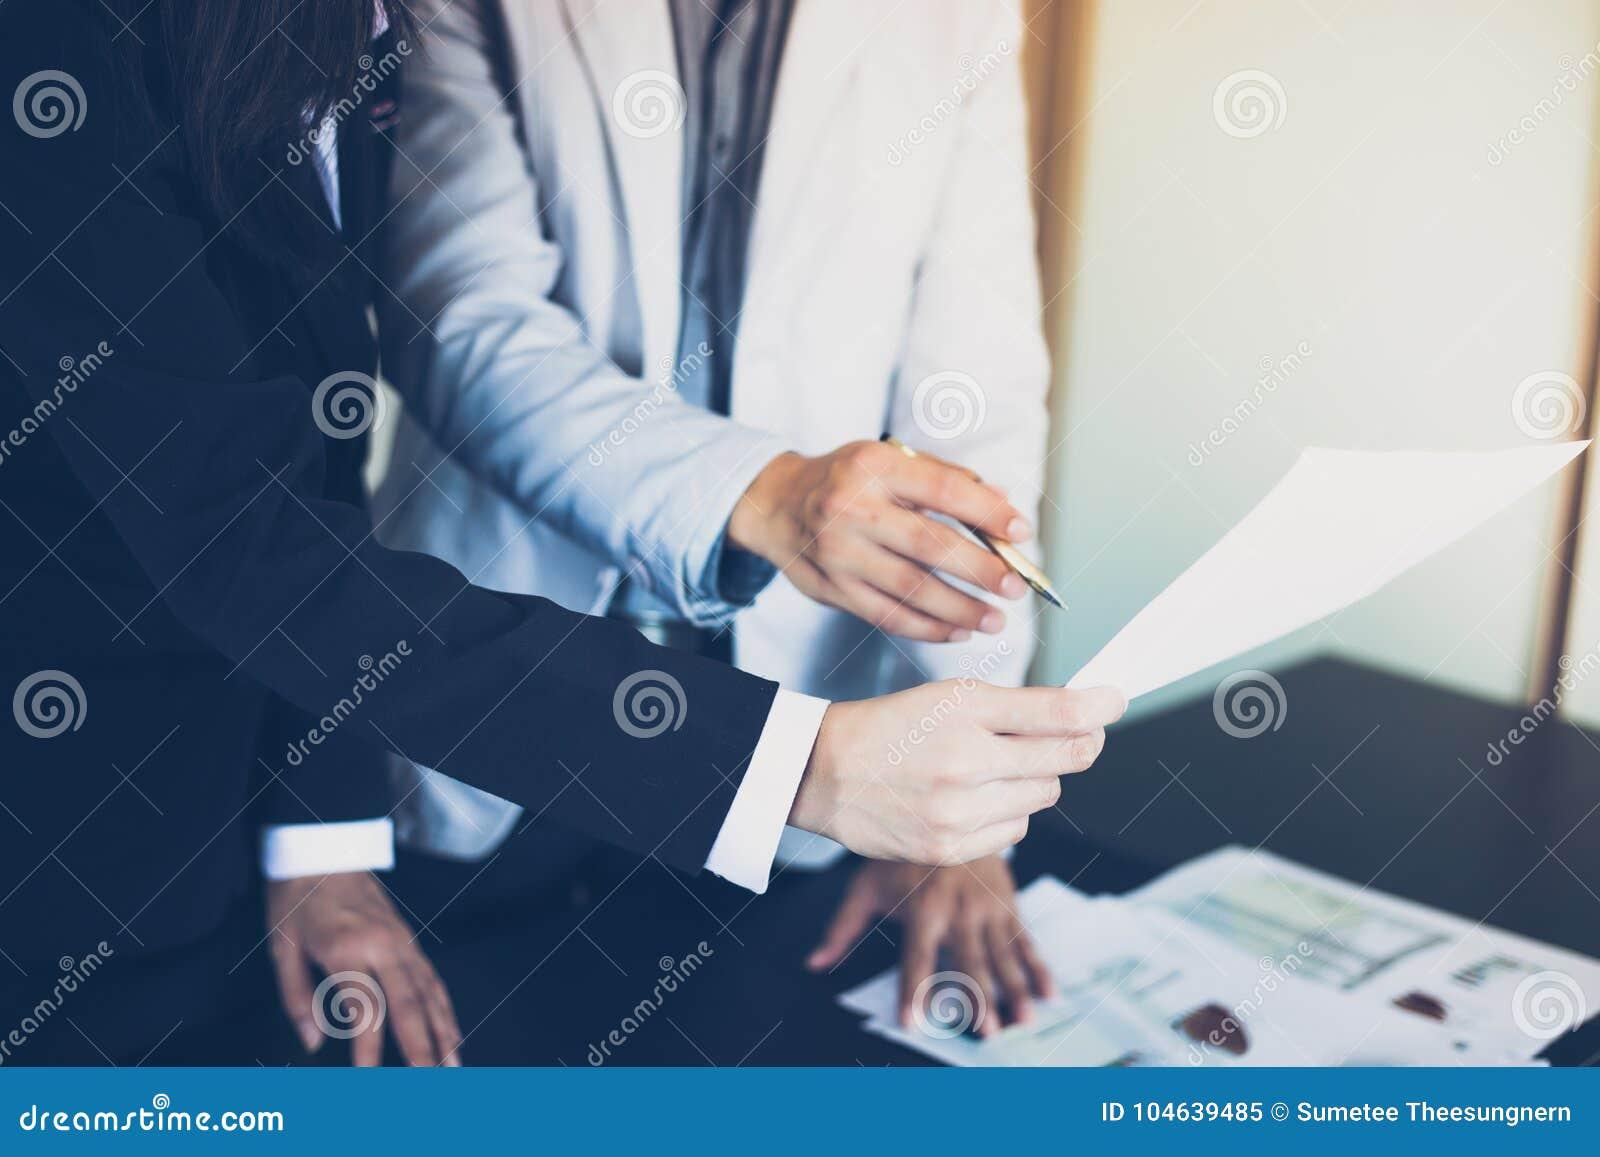 Download Aziatische Onderneemsters Die Een Pen En Analysedocumenten Op Offi Houden Stock Afbeelding - Afbeelding bestaande uit uitvoerend, notitieboekje: 104639485